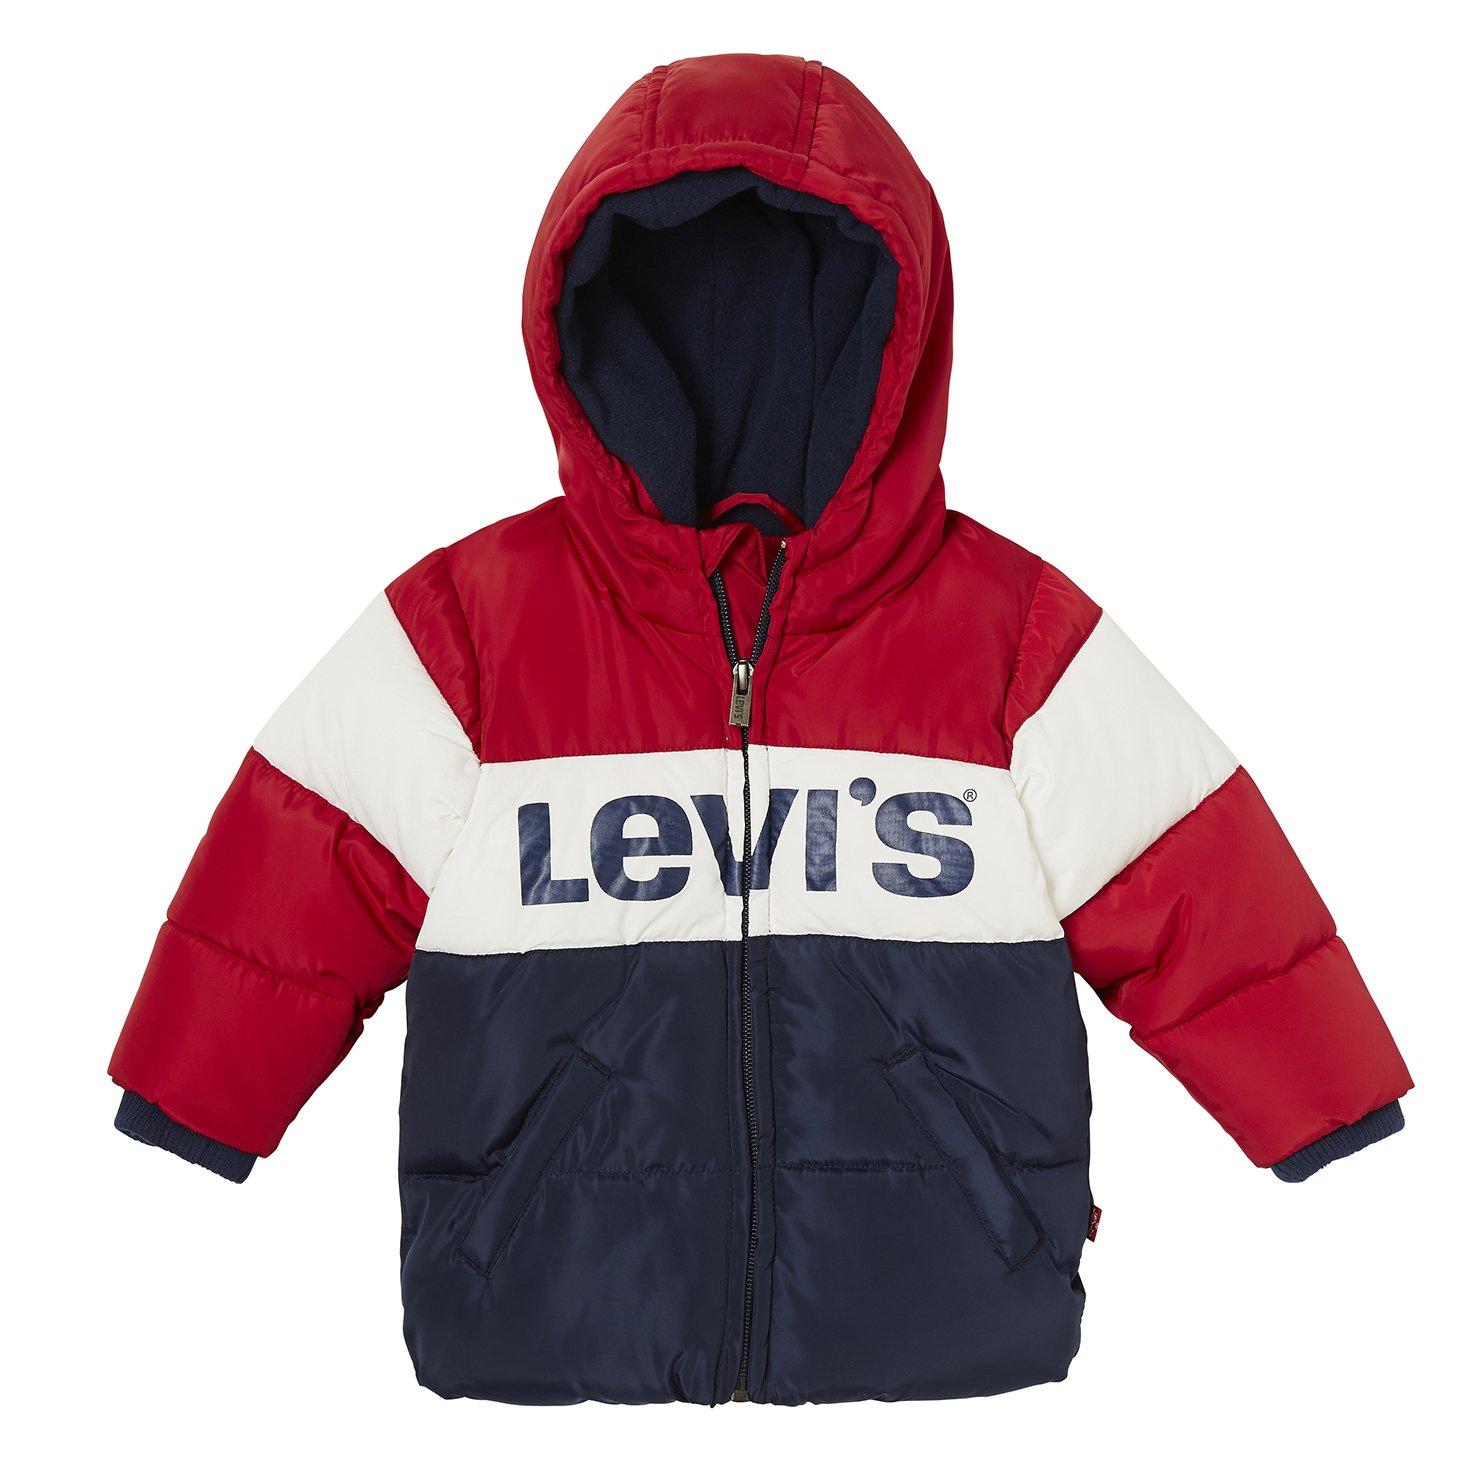 Levi's Kids Impermeable Bimbo Levi' s Kids RAINCOAT